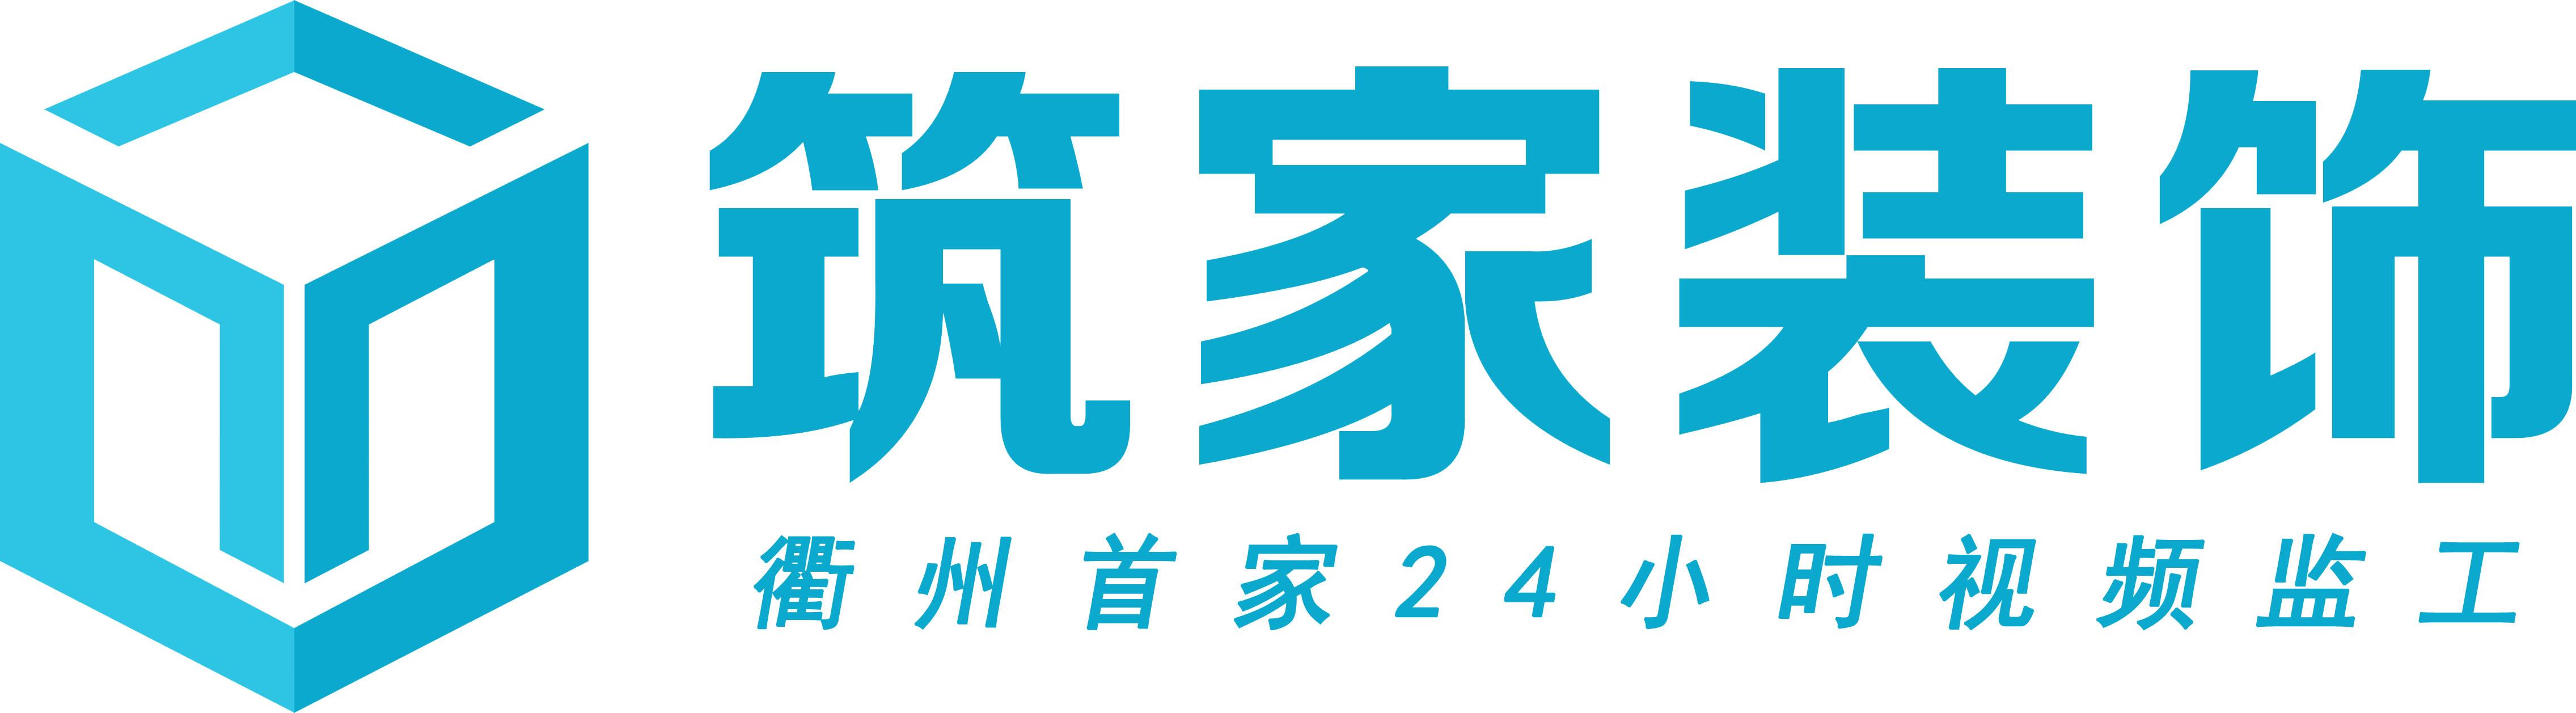 衢州筑家装饰工程有限公司